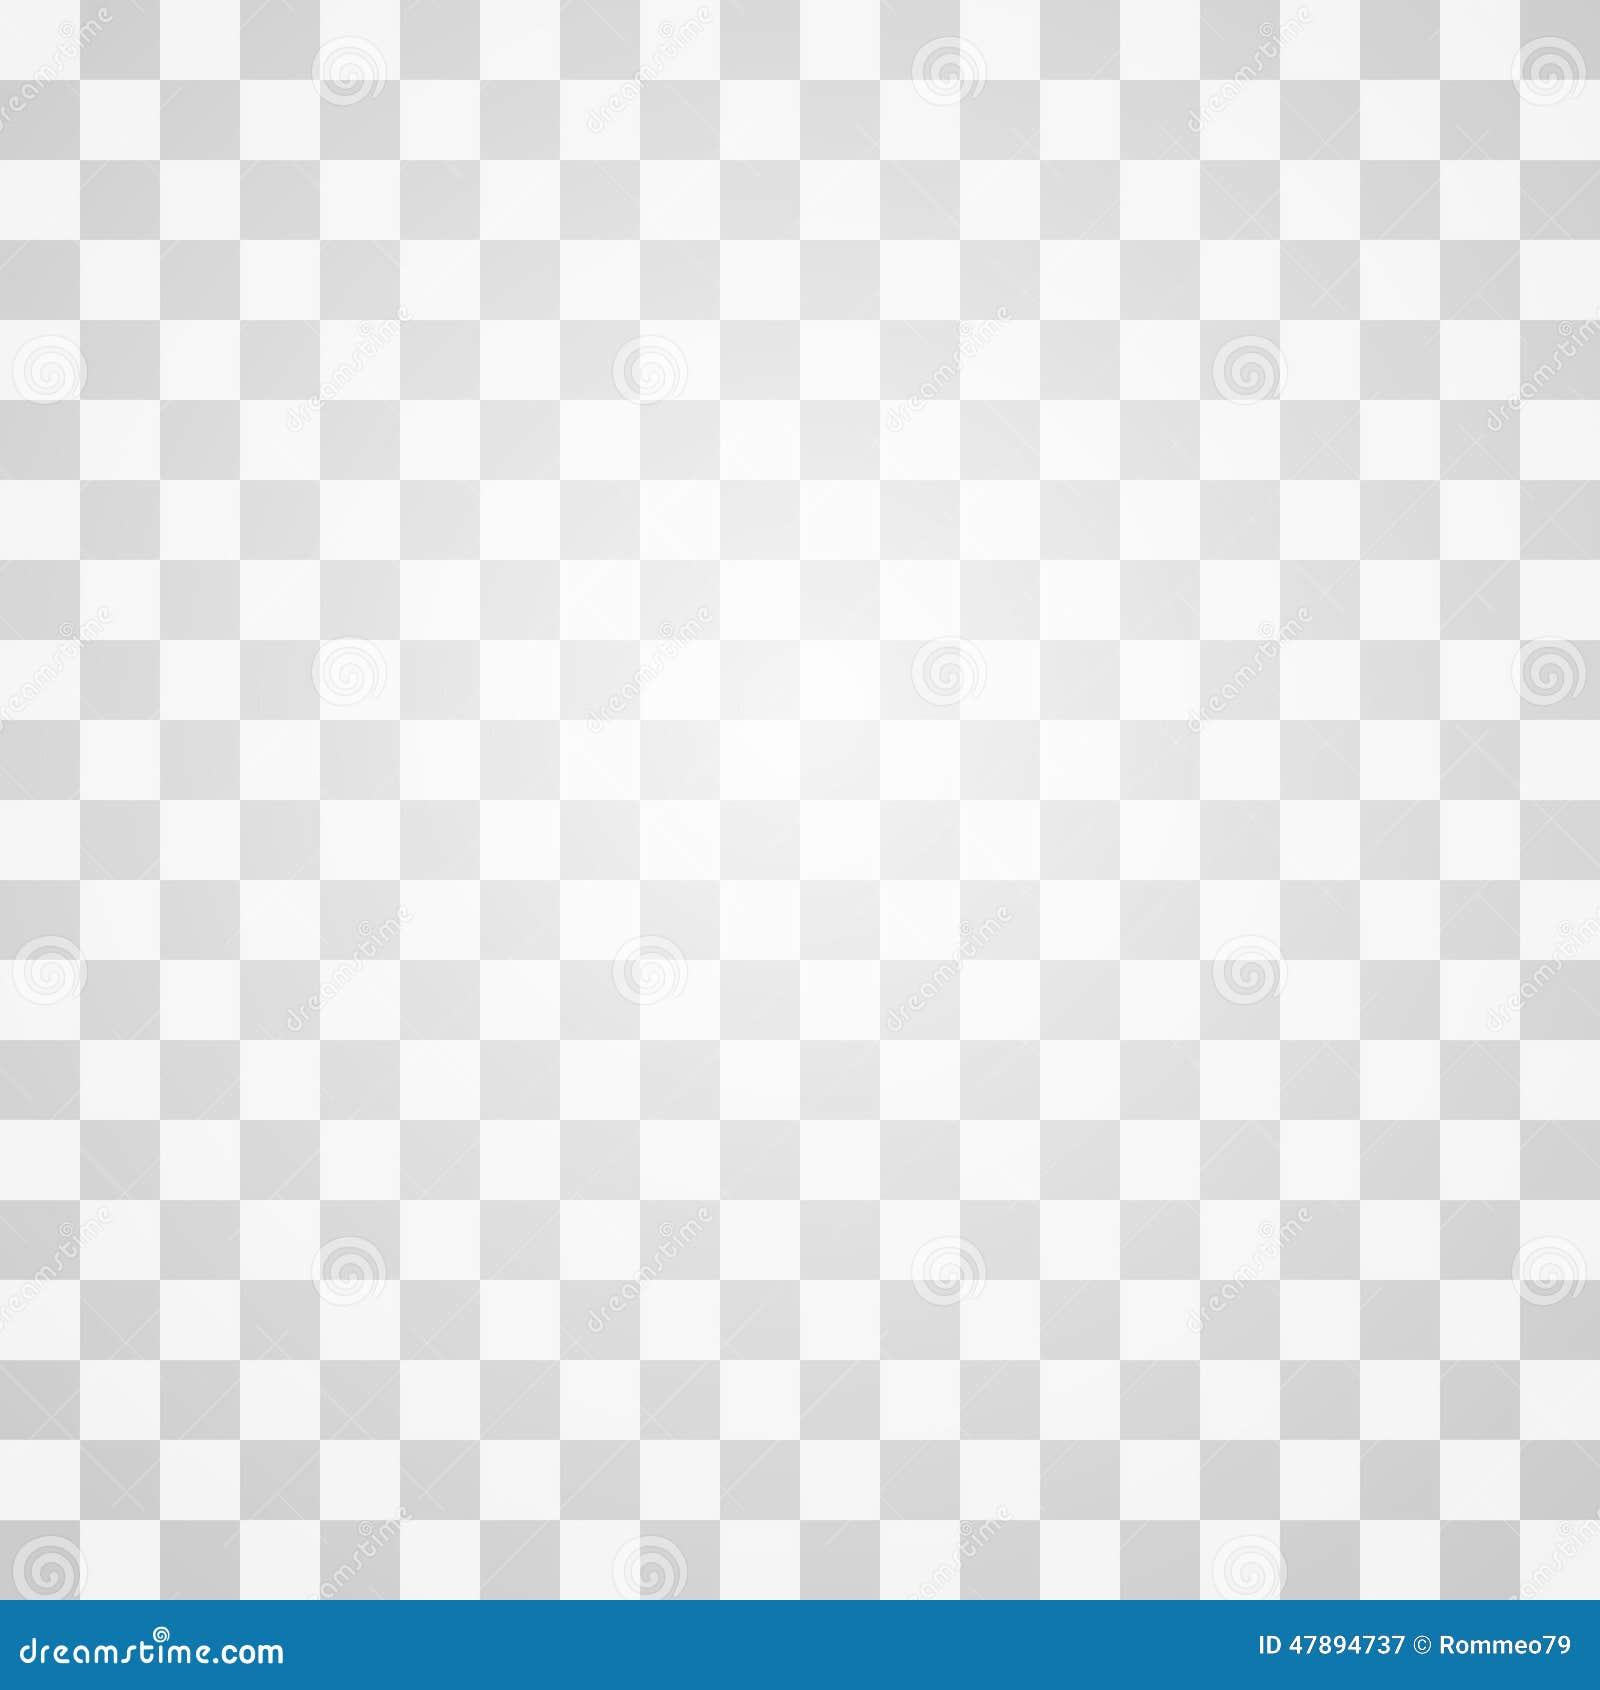 Hintergrund Zusammenfassung Grau Muster Vektor Design Geschäft